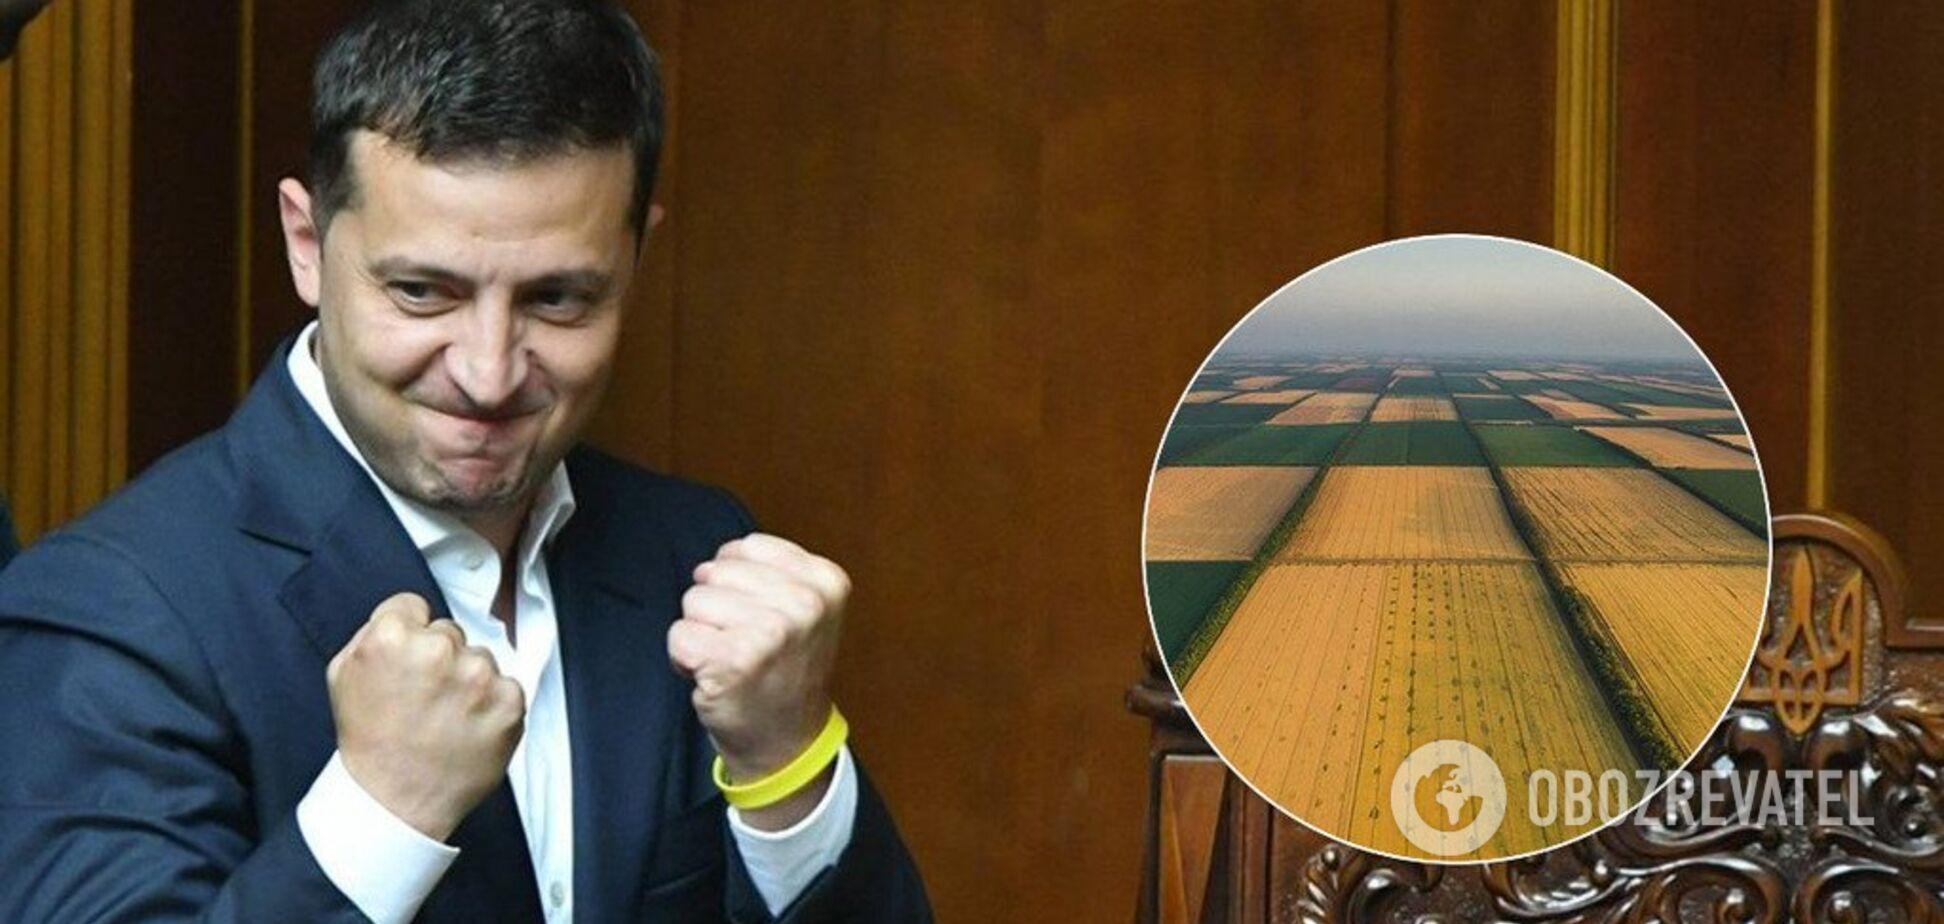 В Україні запустять важливу земельну реформу: Зеленський і Гончарук розкрили деталі